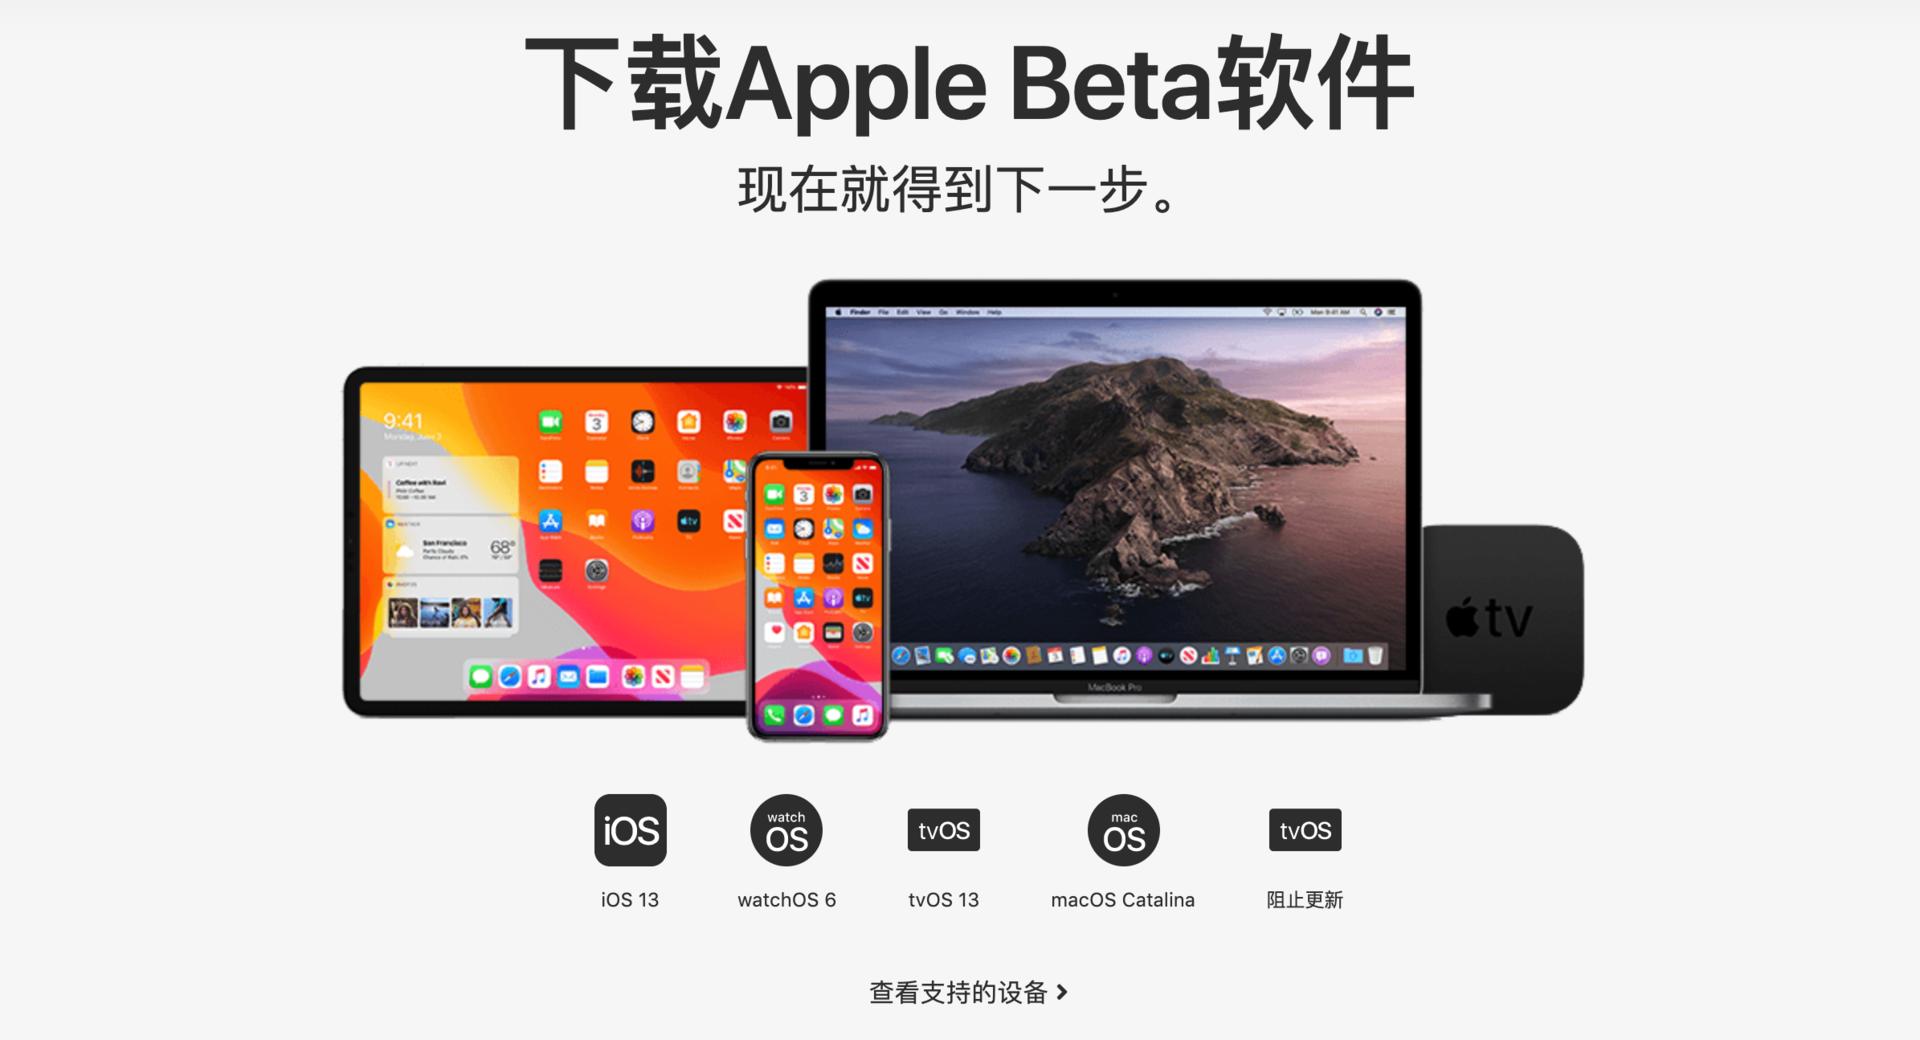 老电脑xp系统  ,做好备份,谨慎升级!iOS13安装升级教程